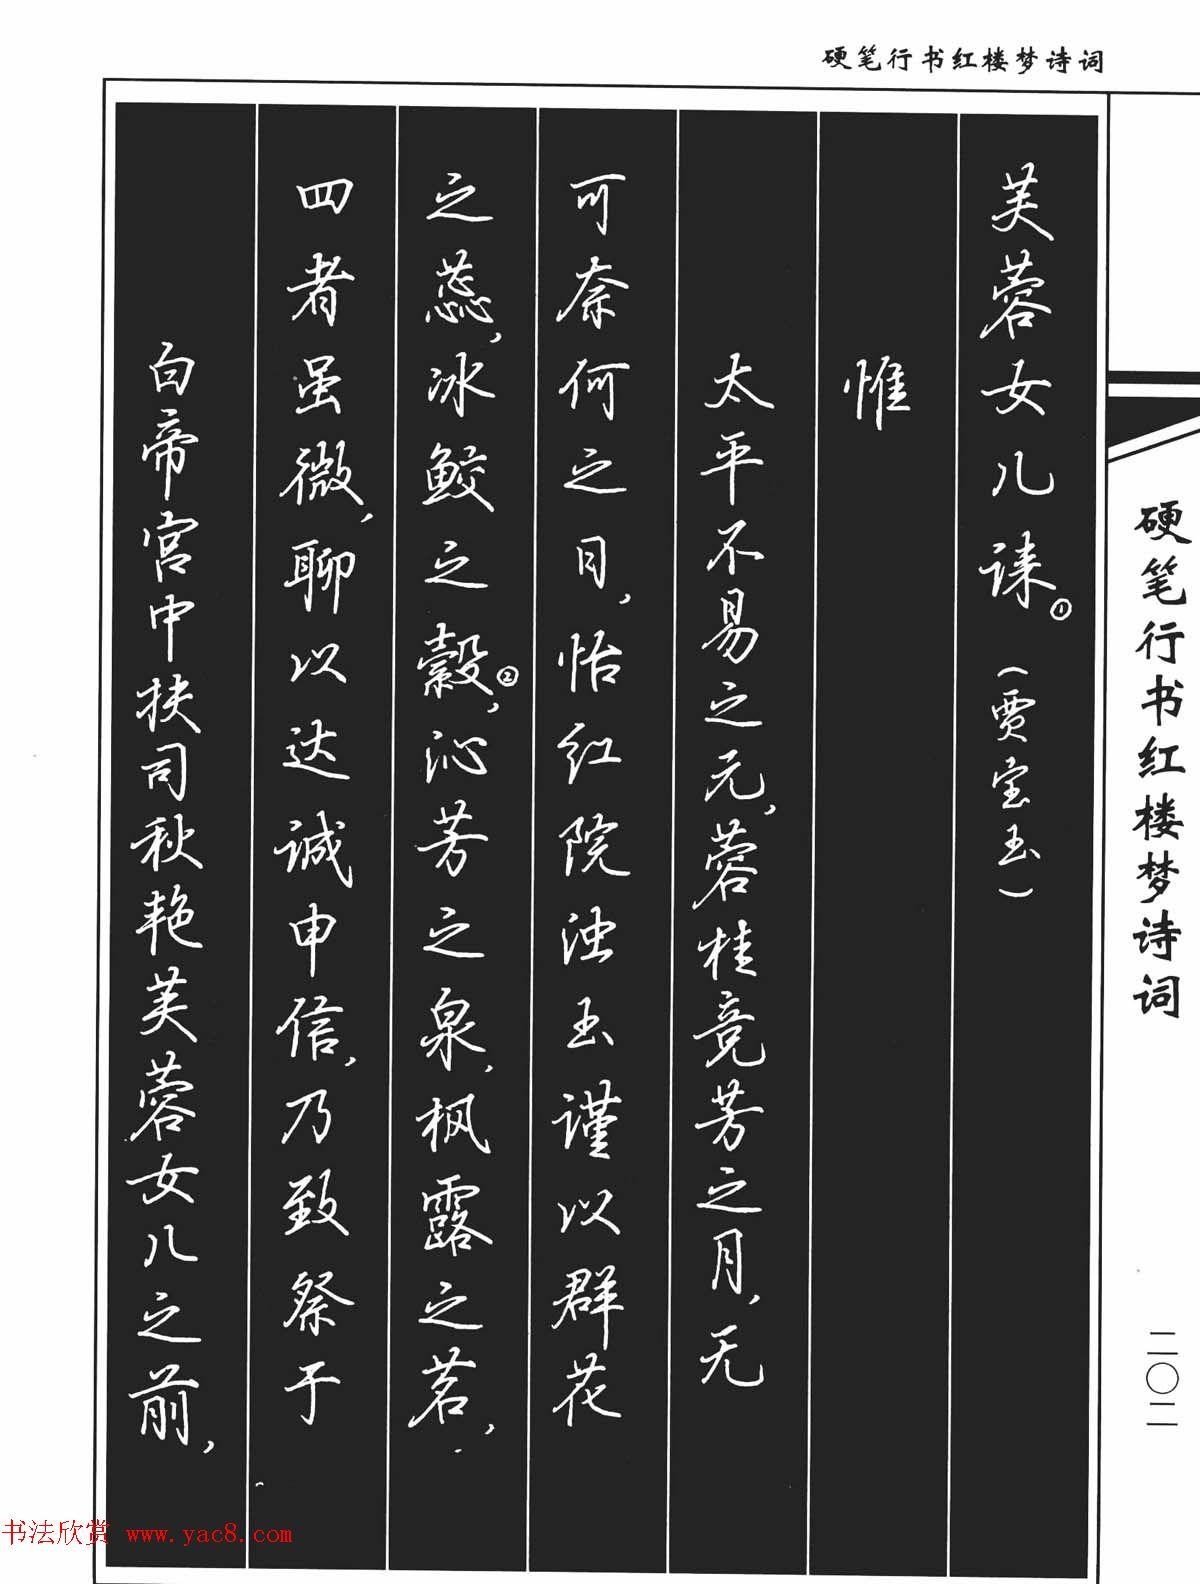 钢笔字帖行书下载分享展示图片